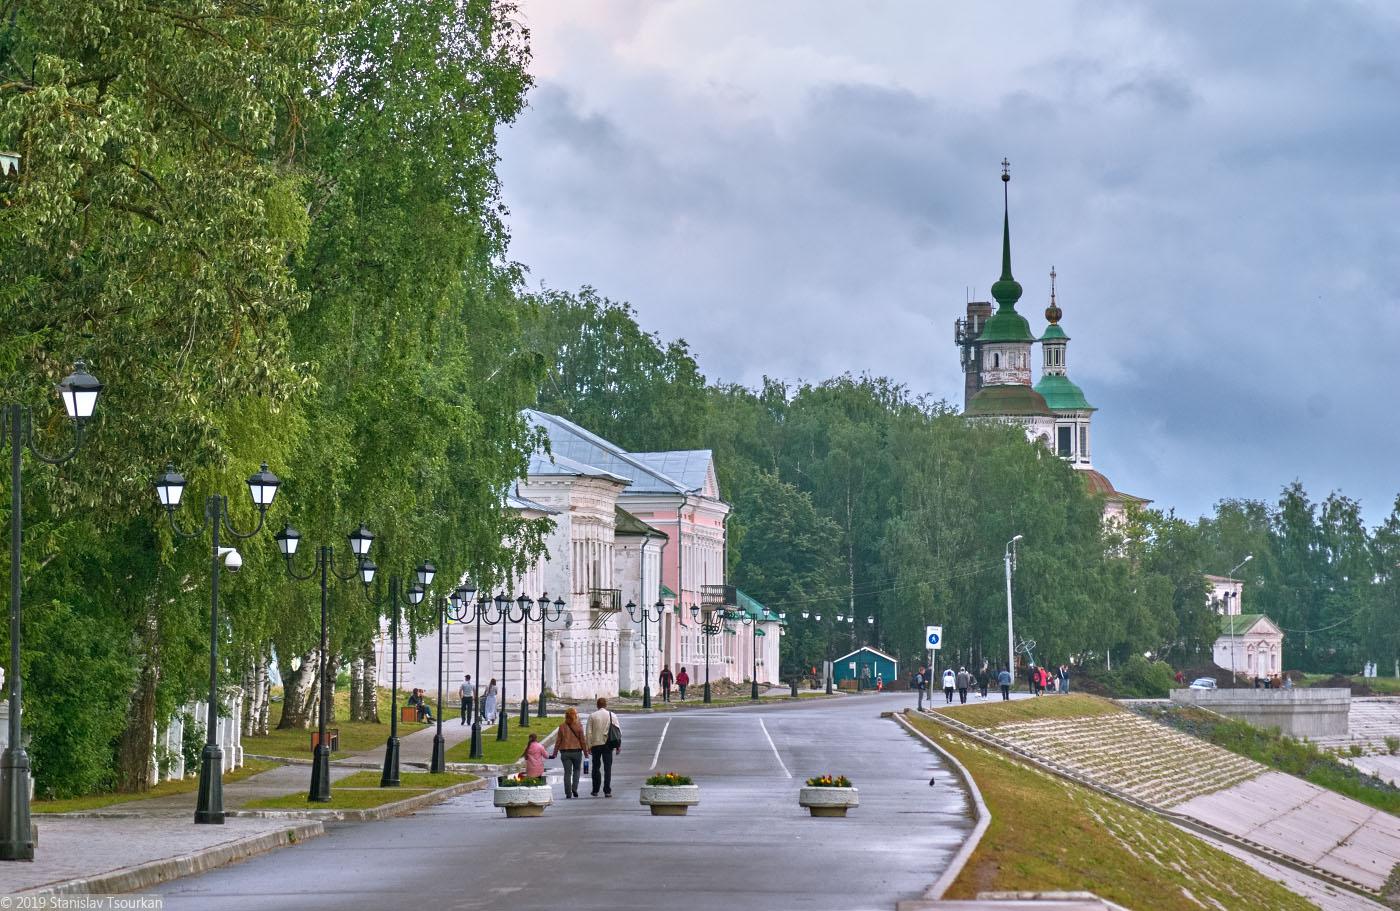 Вологодская область, Вологодчина, Великий устюг, Русский север, набережная, Набережная улица